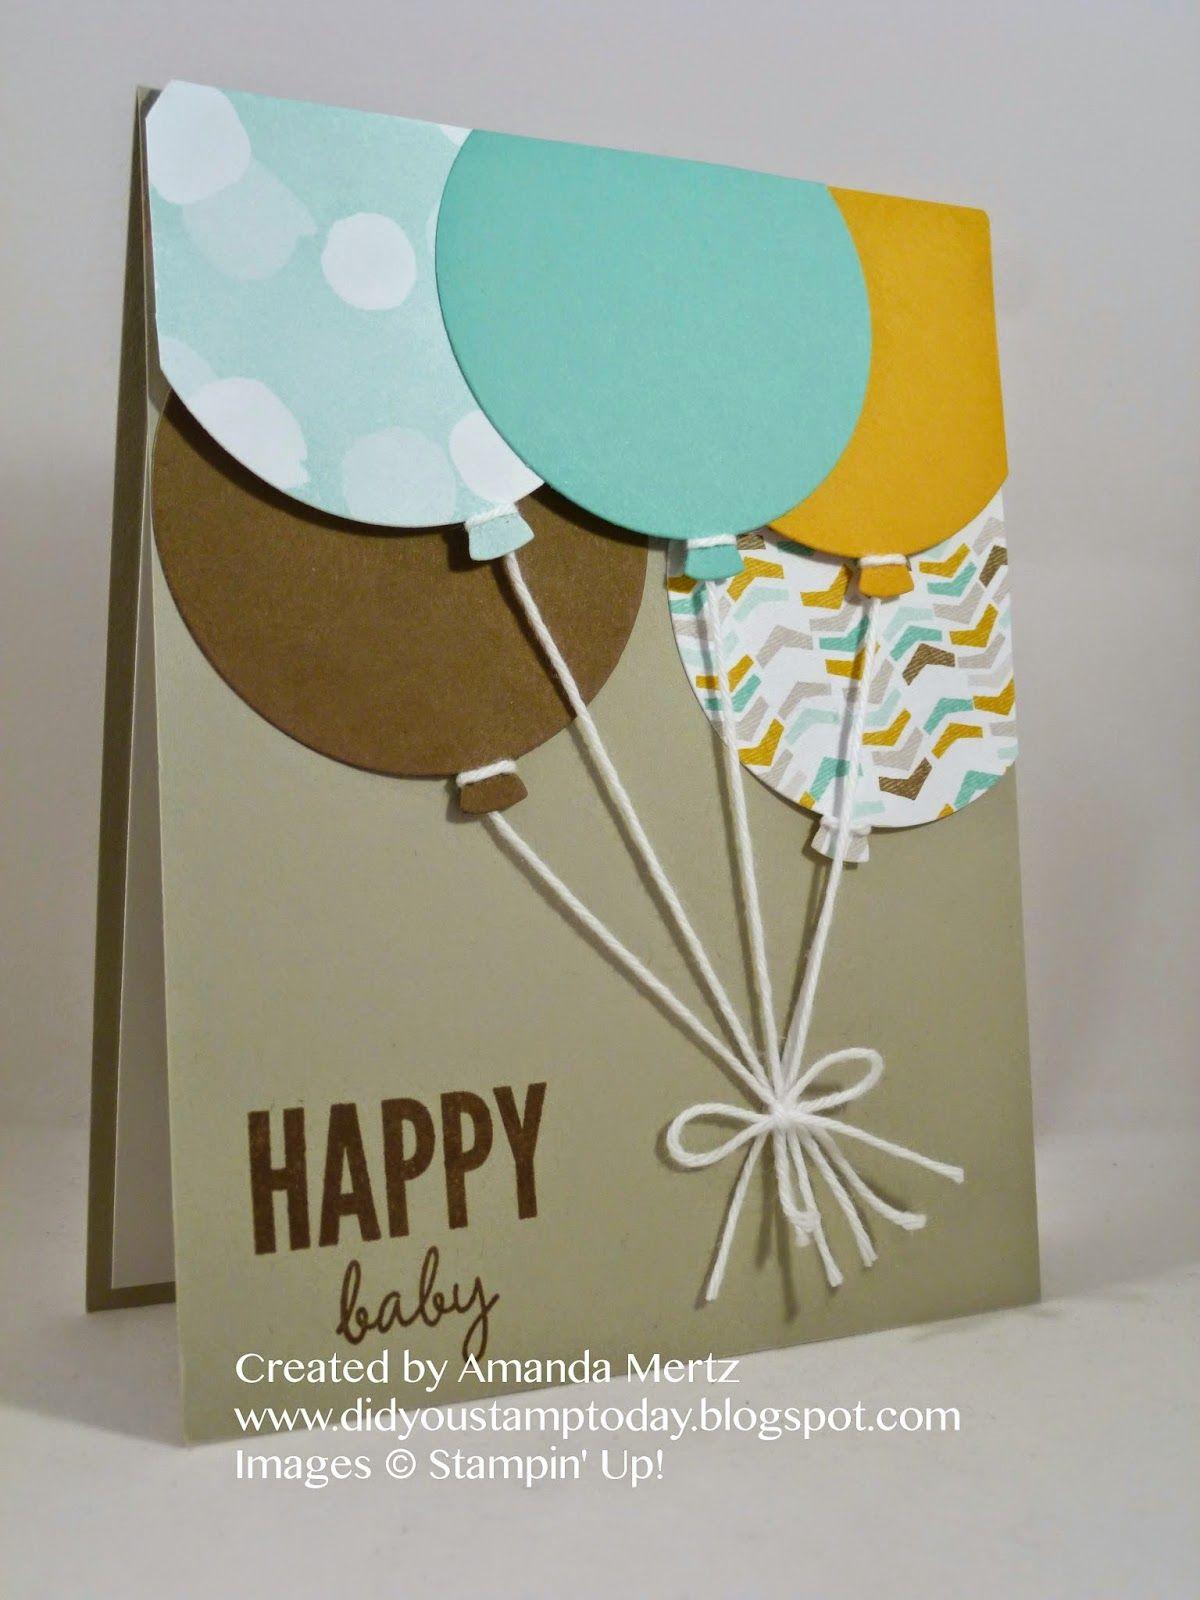 Как оформить открытку для друга